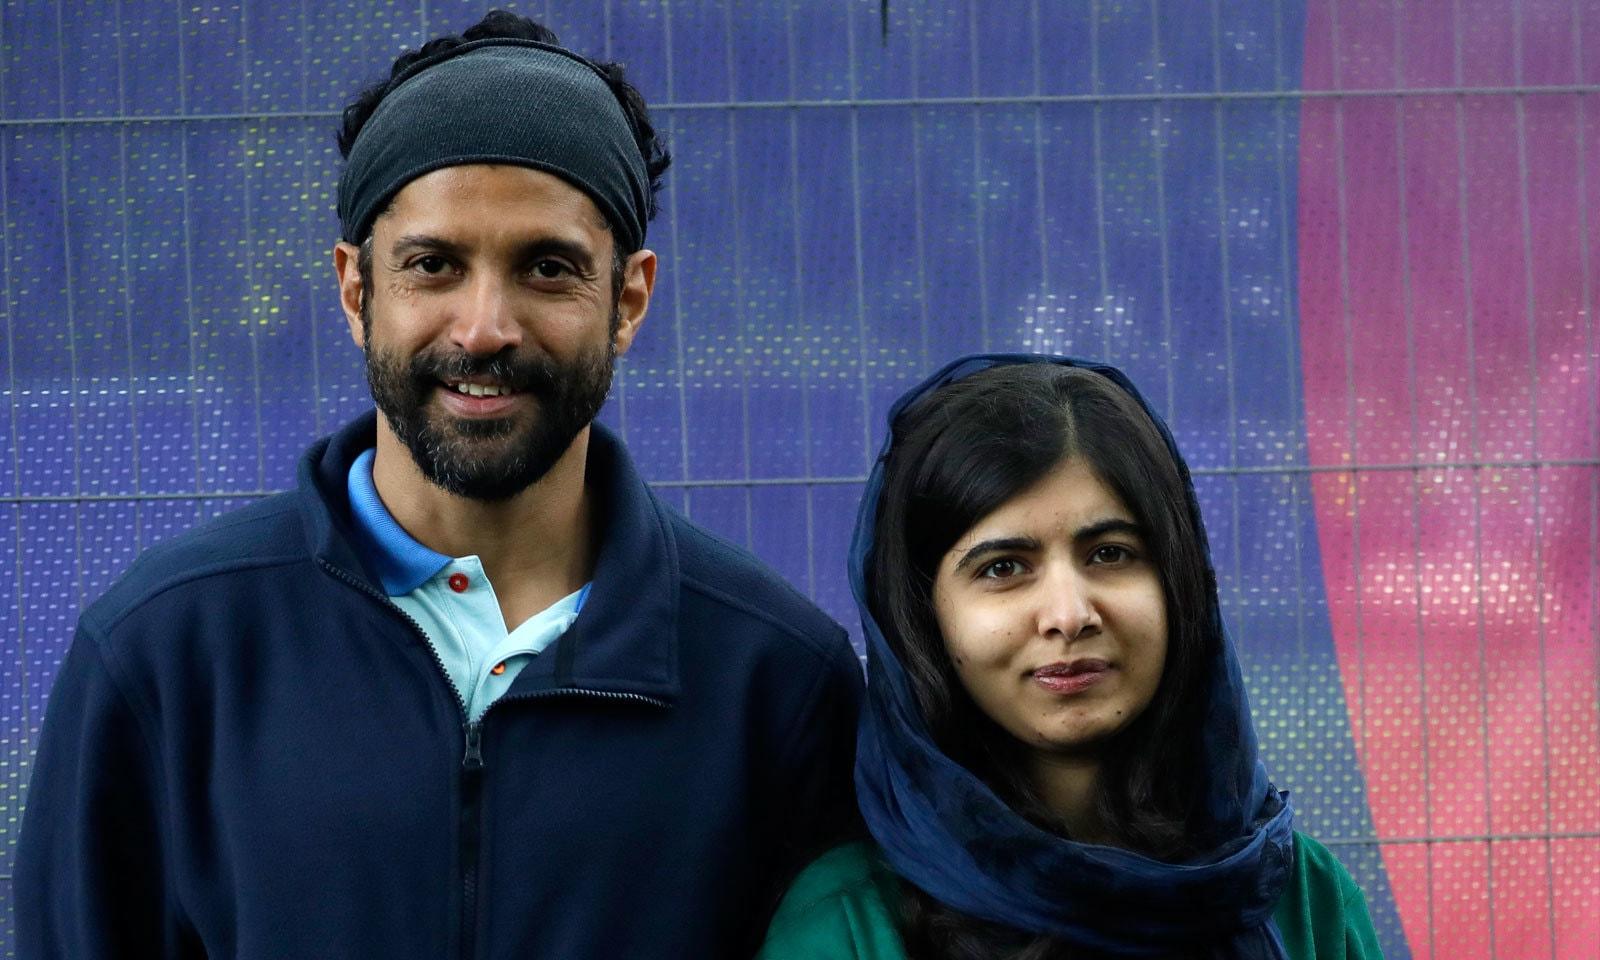 ملالہ یوسفزئی نے پاکستان اور اداکار فرحان اخترنے بھارت کی نمائندگی کی — فوٹو: اے پی